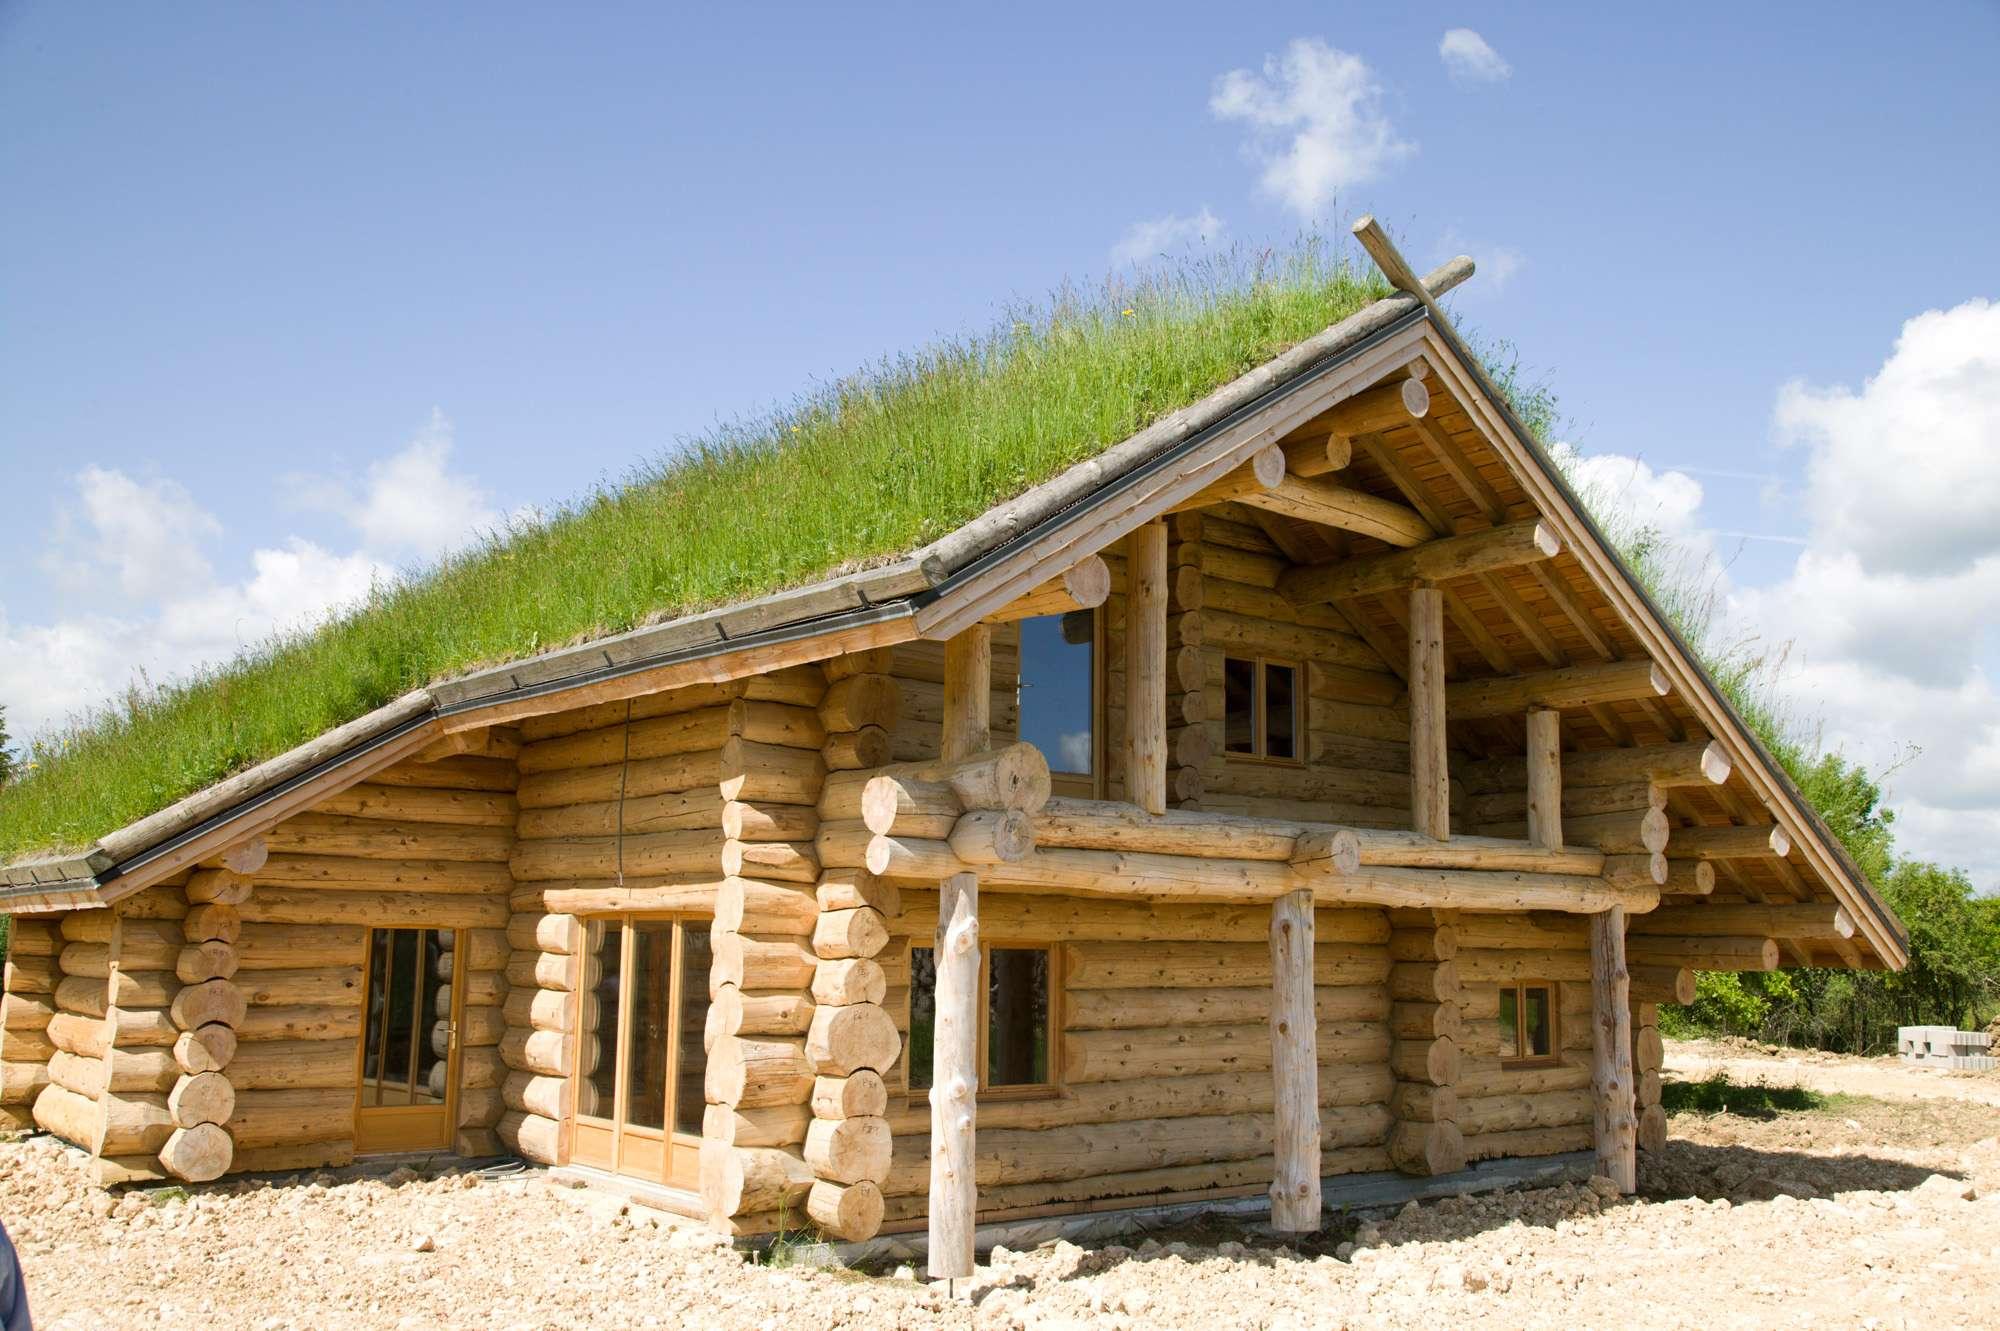 Construire une maison en bois les avantages plan de maison for Construire sa maison bois